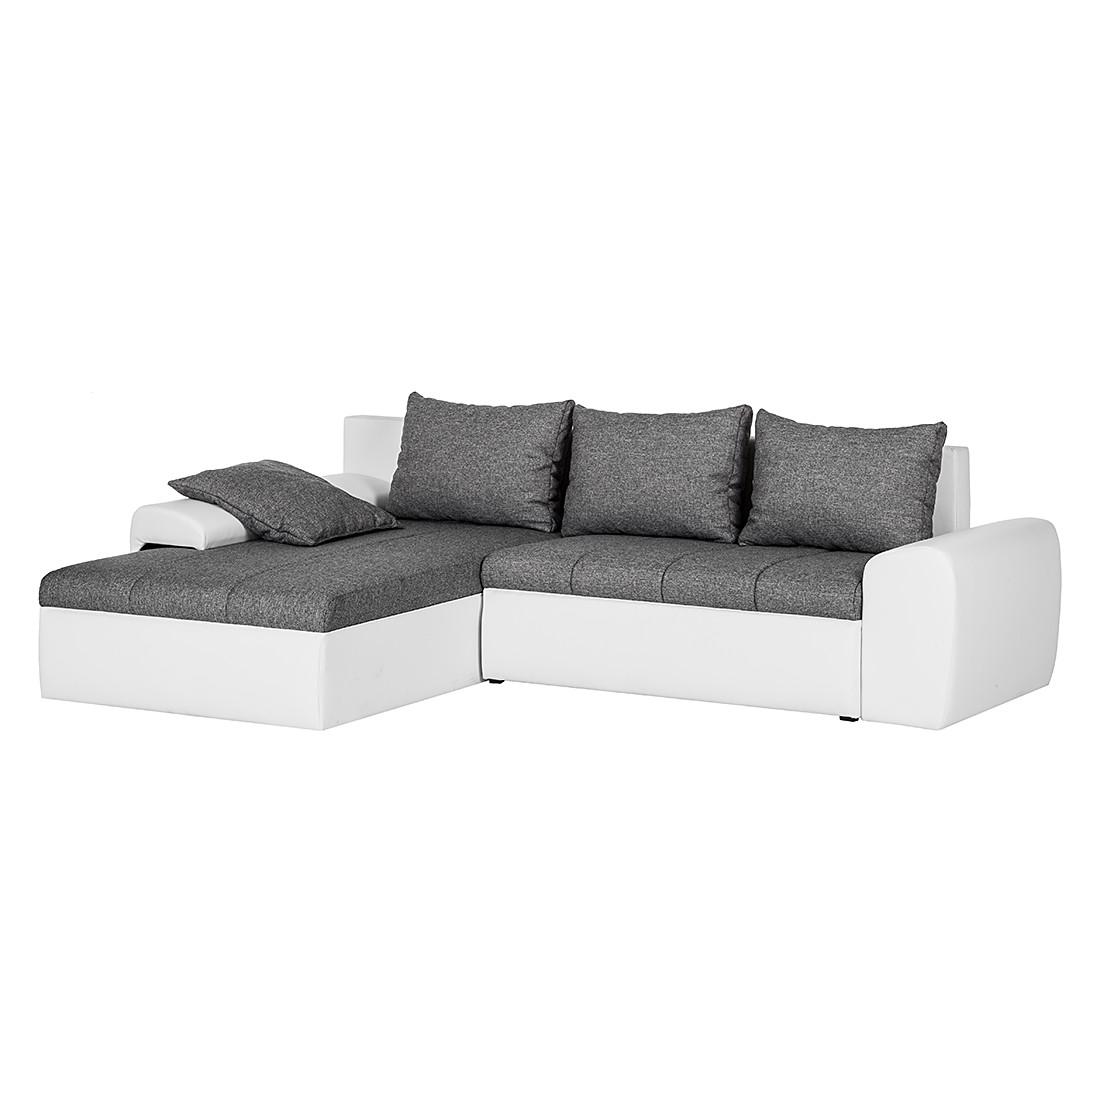 l sofa mit schlaffunktion big sofa mit schlaffunktion big. Black Bedroom Furniture Sets. Home Design Ideas